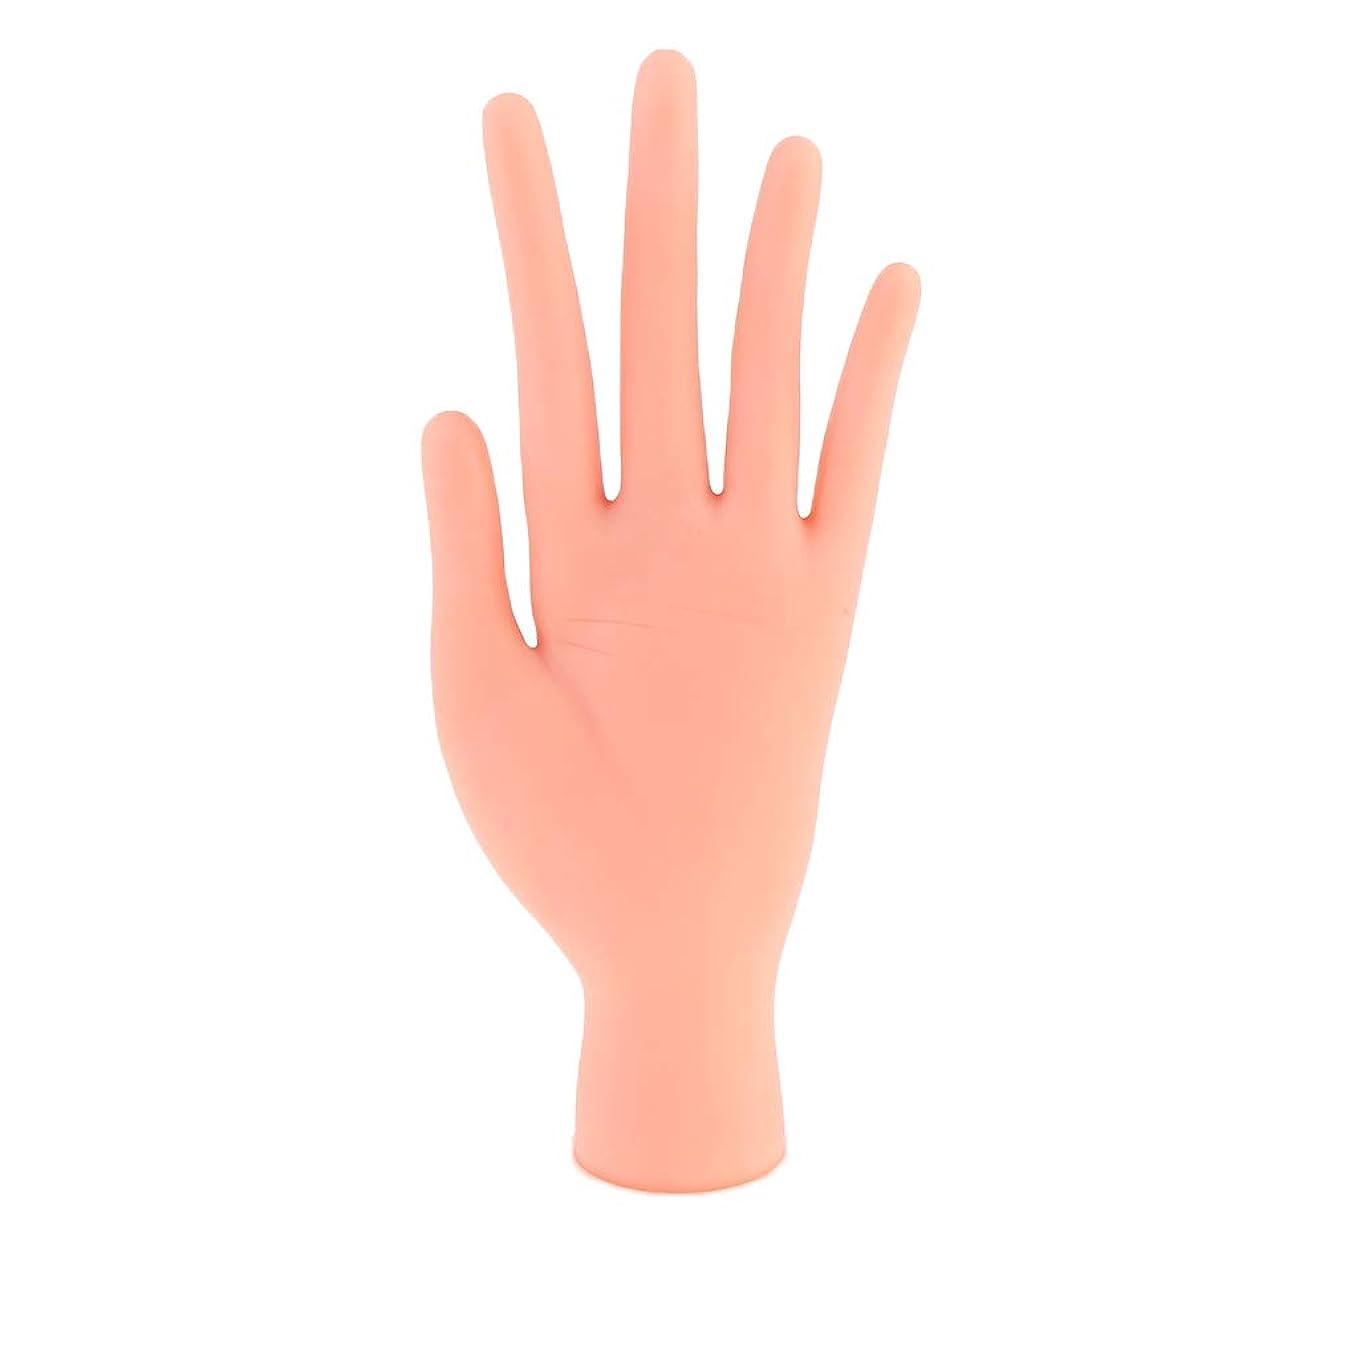 膿瘍いつでもバウンスCUTICATE マニキュア 練習 トレーニングハンド ハンドモデル 柔らかい指 ネイルサロントレーニング用